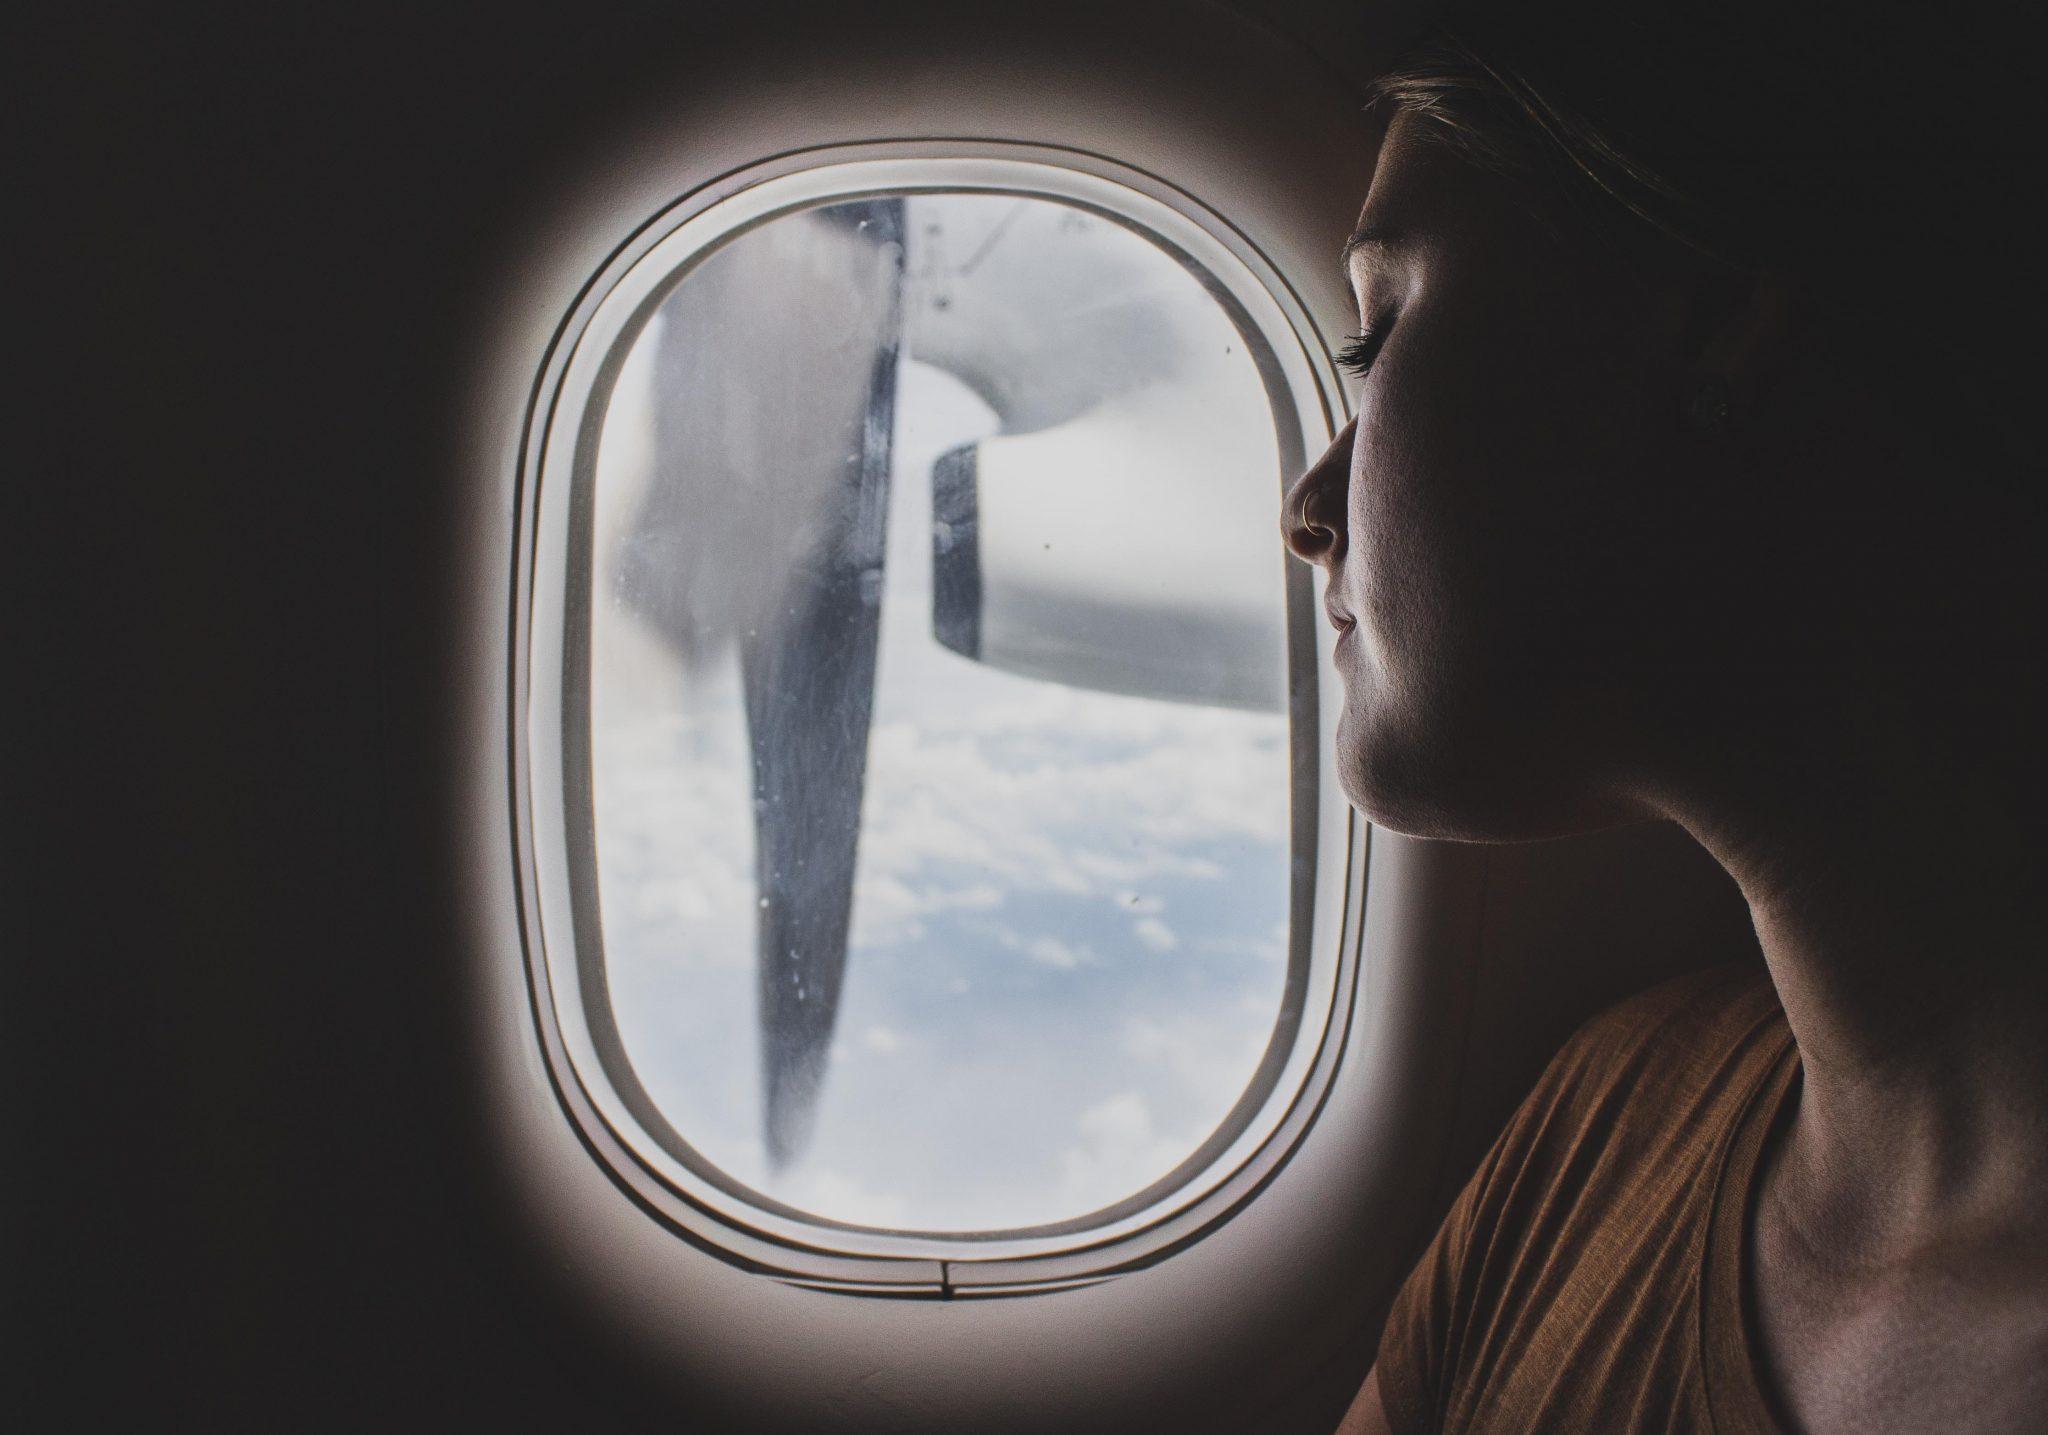 Una delle donne expat guarda fuori dal finestrino dell'aereo.